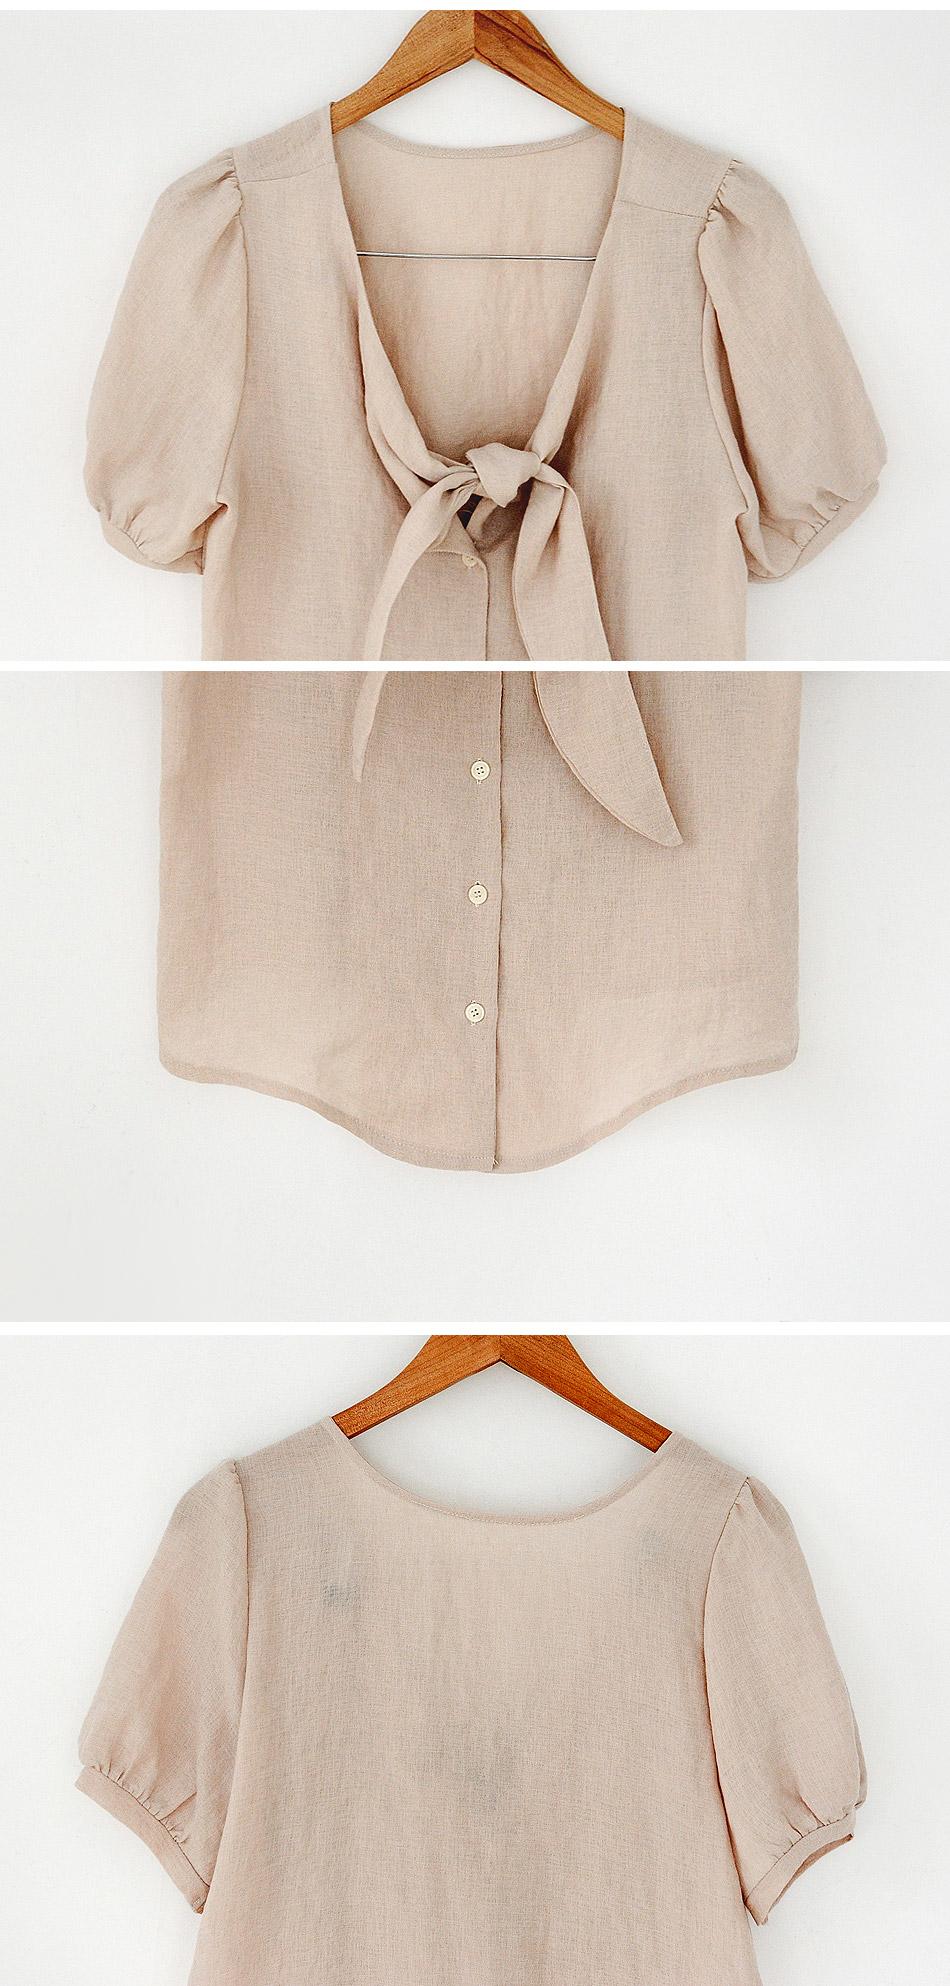 Bielon blouse